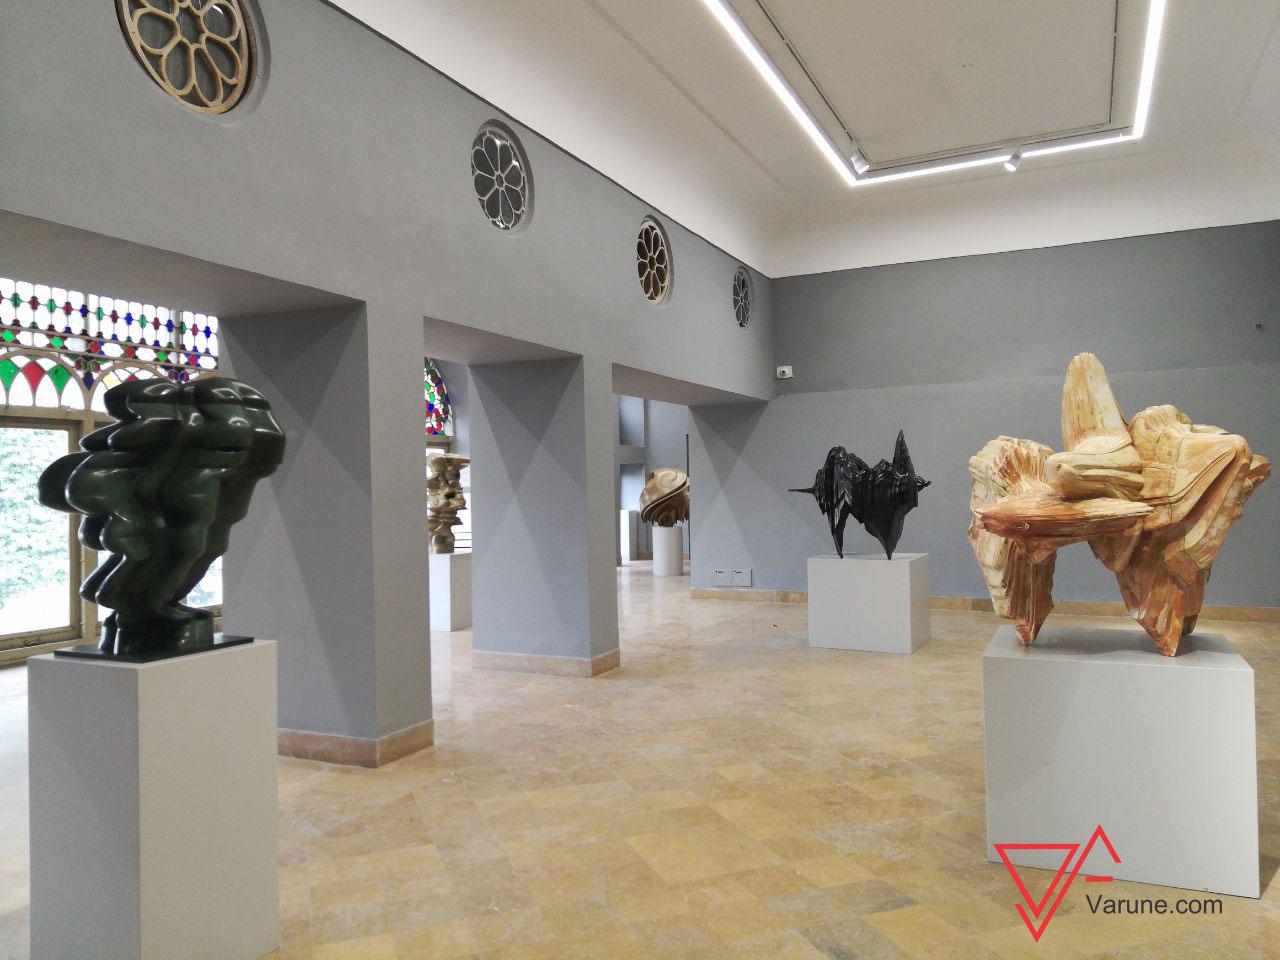 گزارش اختصاصی وارونه از نمایشگاه ریشه ها و سنگ ها اثر تونی کرگ در اصفهان